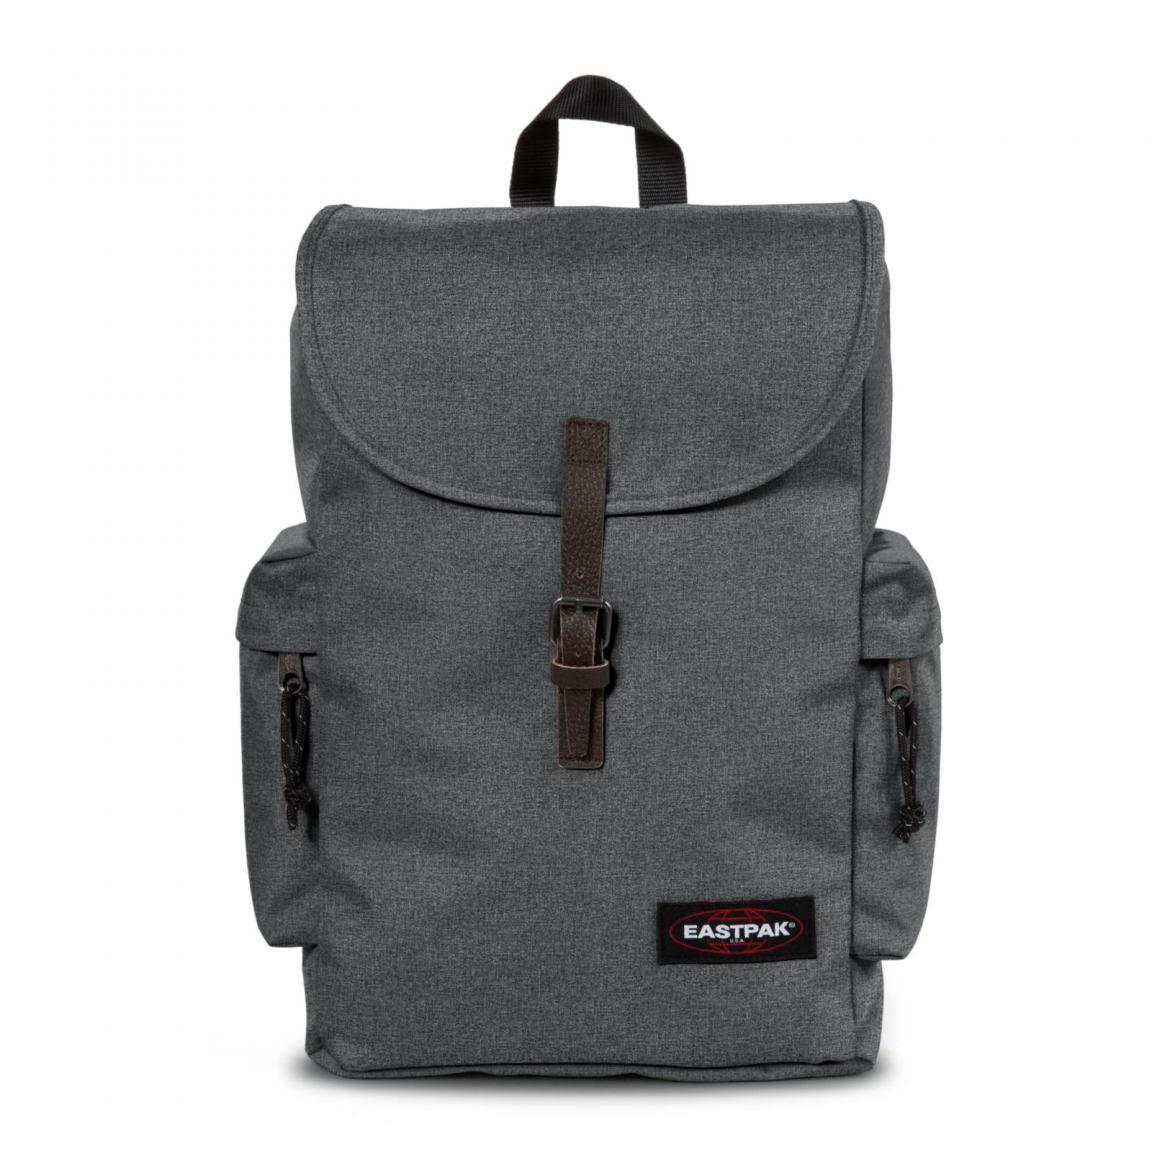 eastpak austin rucksack mit laptopfach black denim bags more. Black Bedroom Furniture Sets. Home Design Ideas